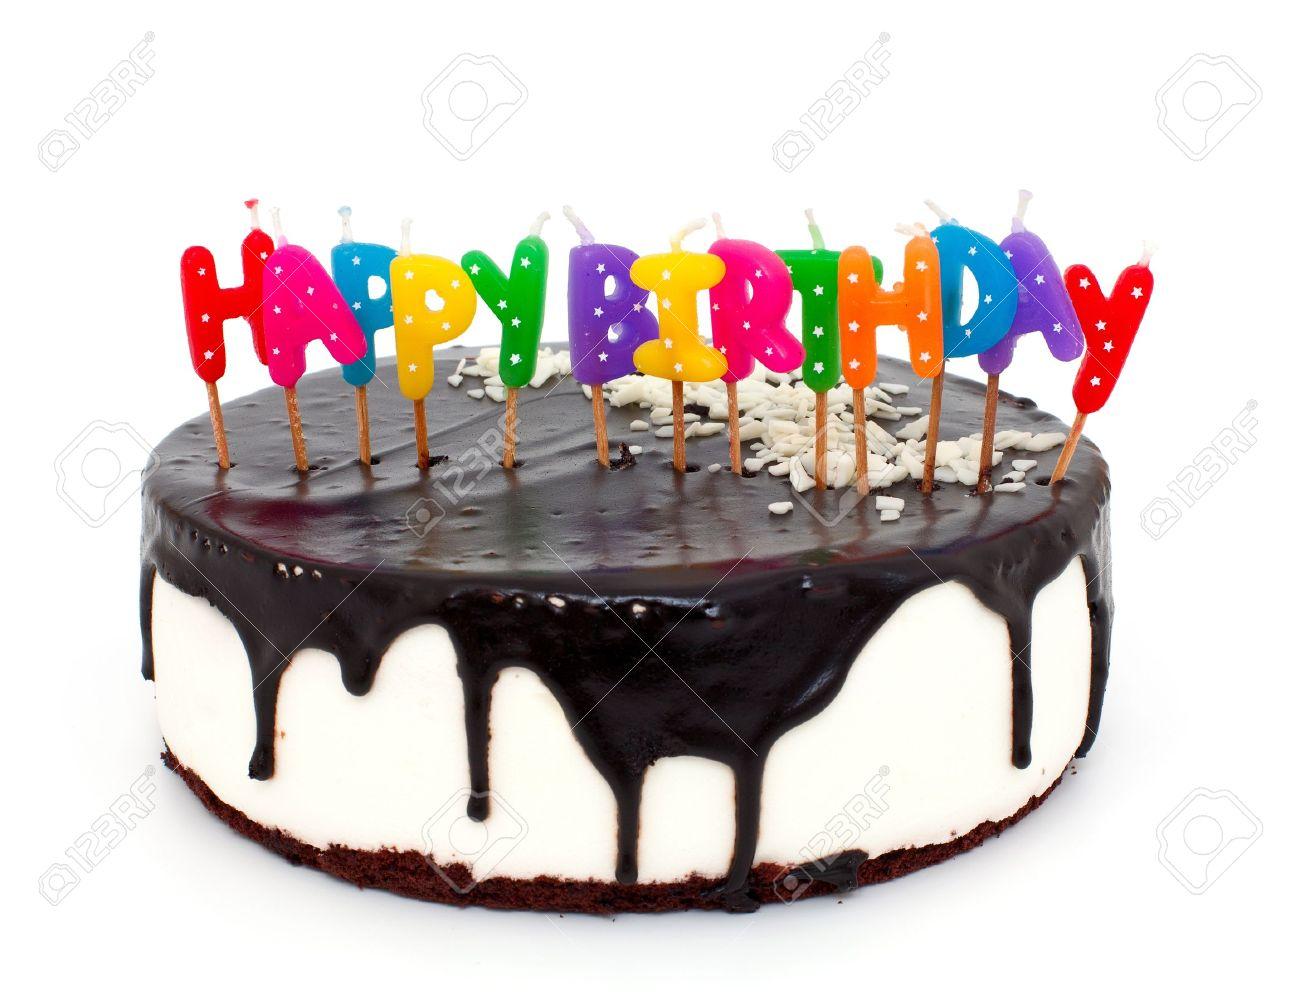 Kuchen Mit Happy Birthday Kerzen Auf Weissem Hintergrund Lizenzfreie